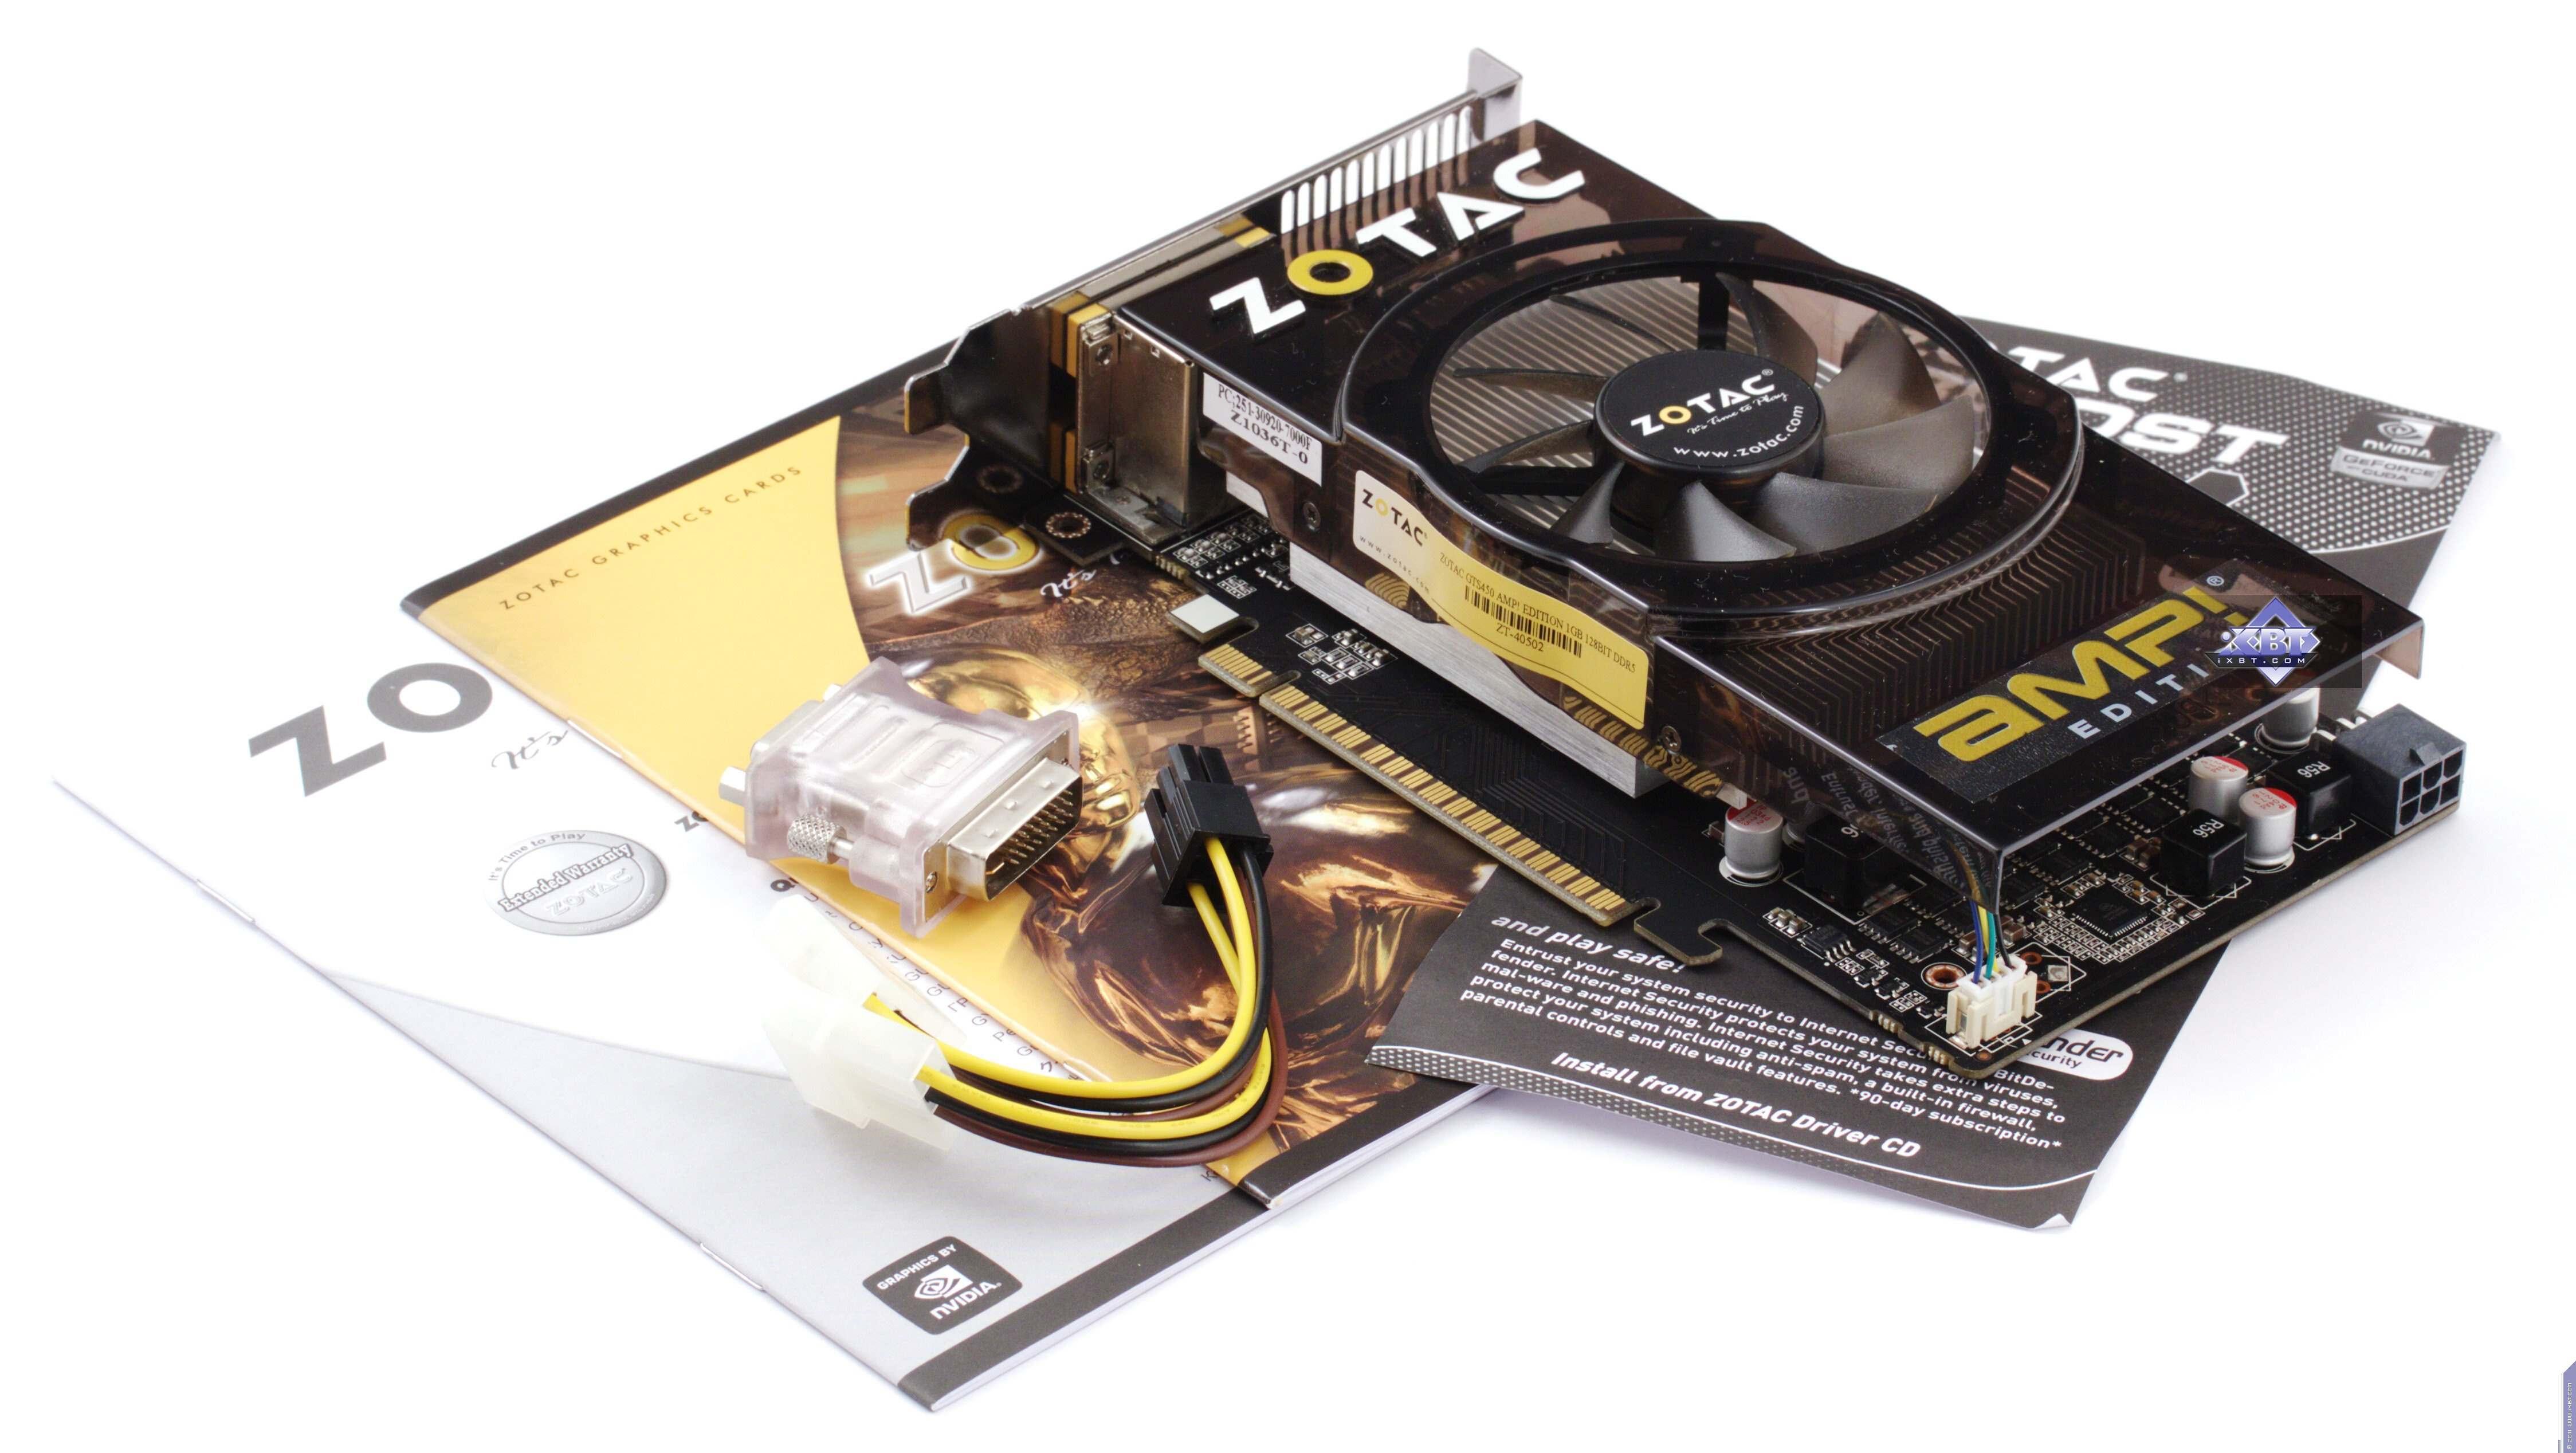 Zotac GeForce GT 430 ZONE, GTS 450 AMP!, GTX 460 AMP!, GTX 580